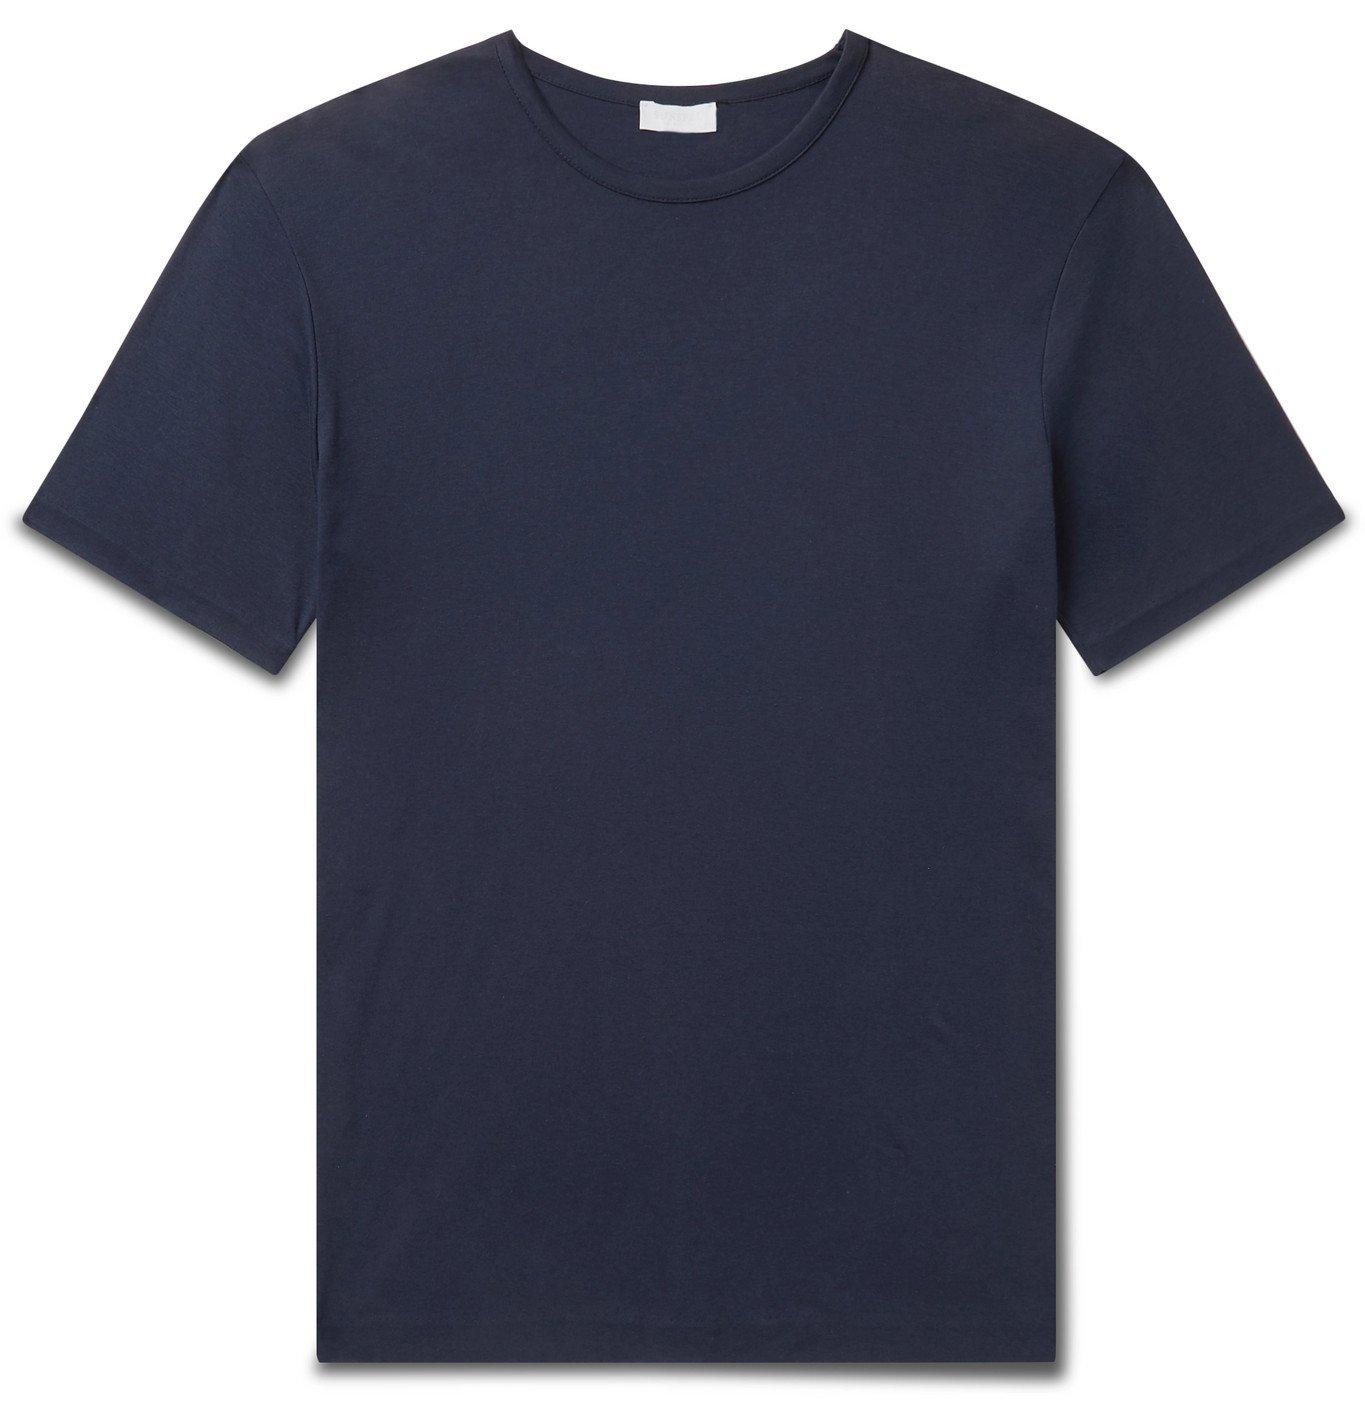 Sunspel - Sea Island Cotton-Jersey T-Shirt - Blue